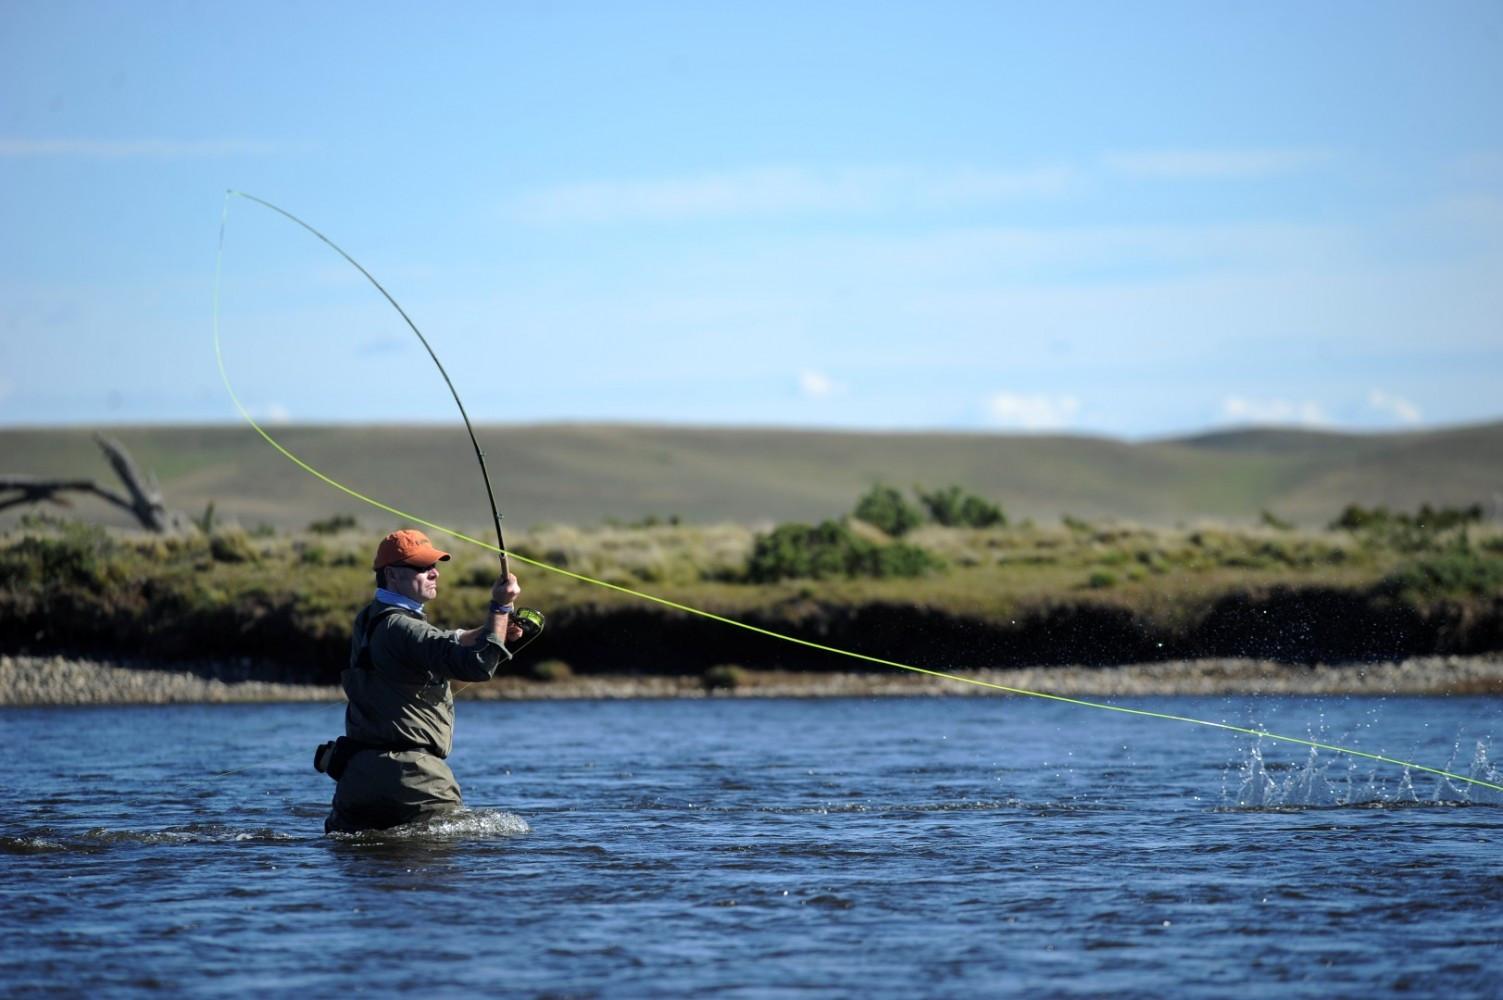 Pesca deportiva   Fin del Mundo - Tierra del Fuego, Ushuaia, Antartida, Patagonia, Argentina